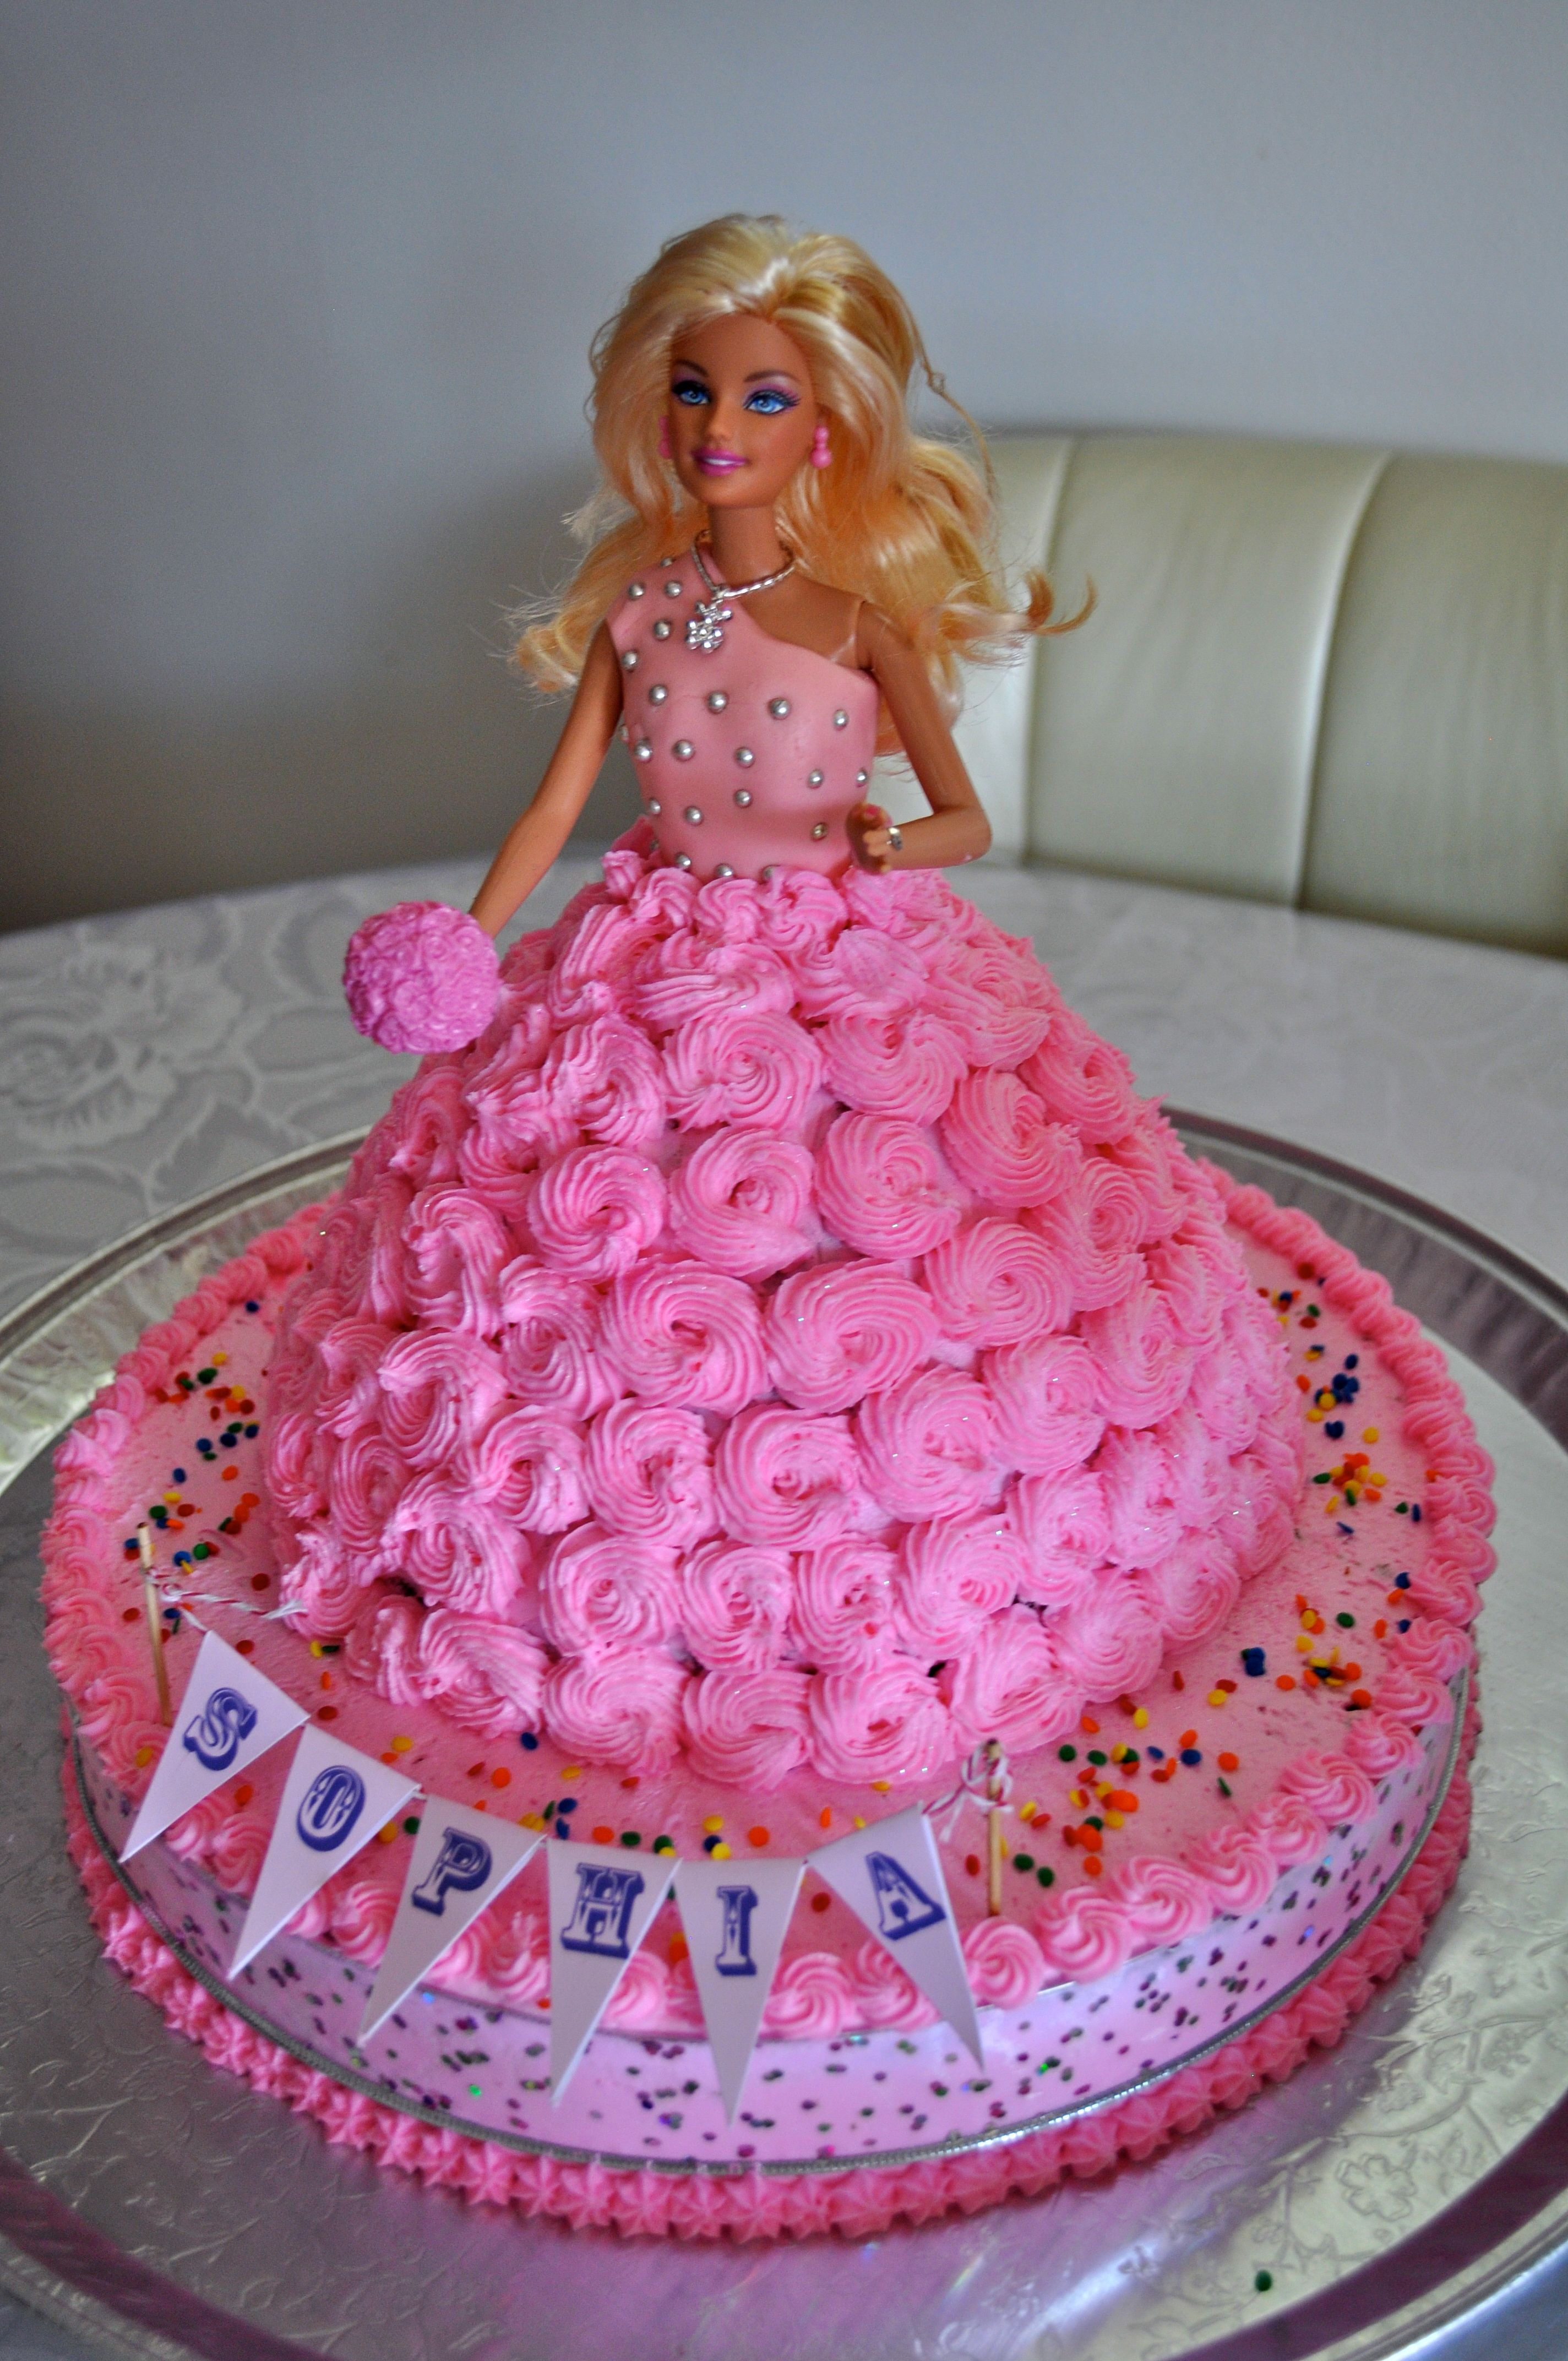 Картинка торт с куклой